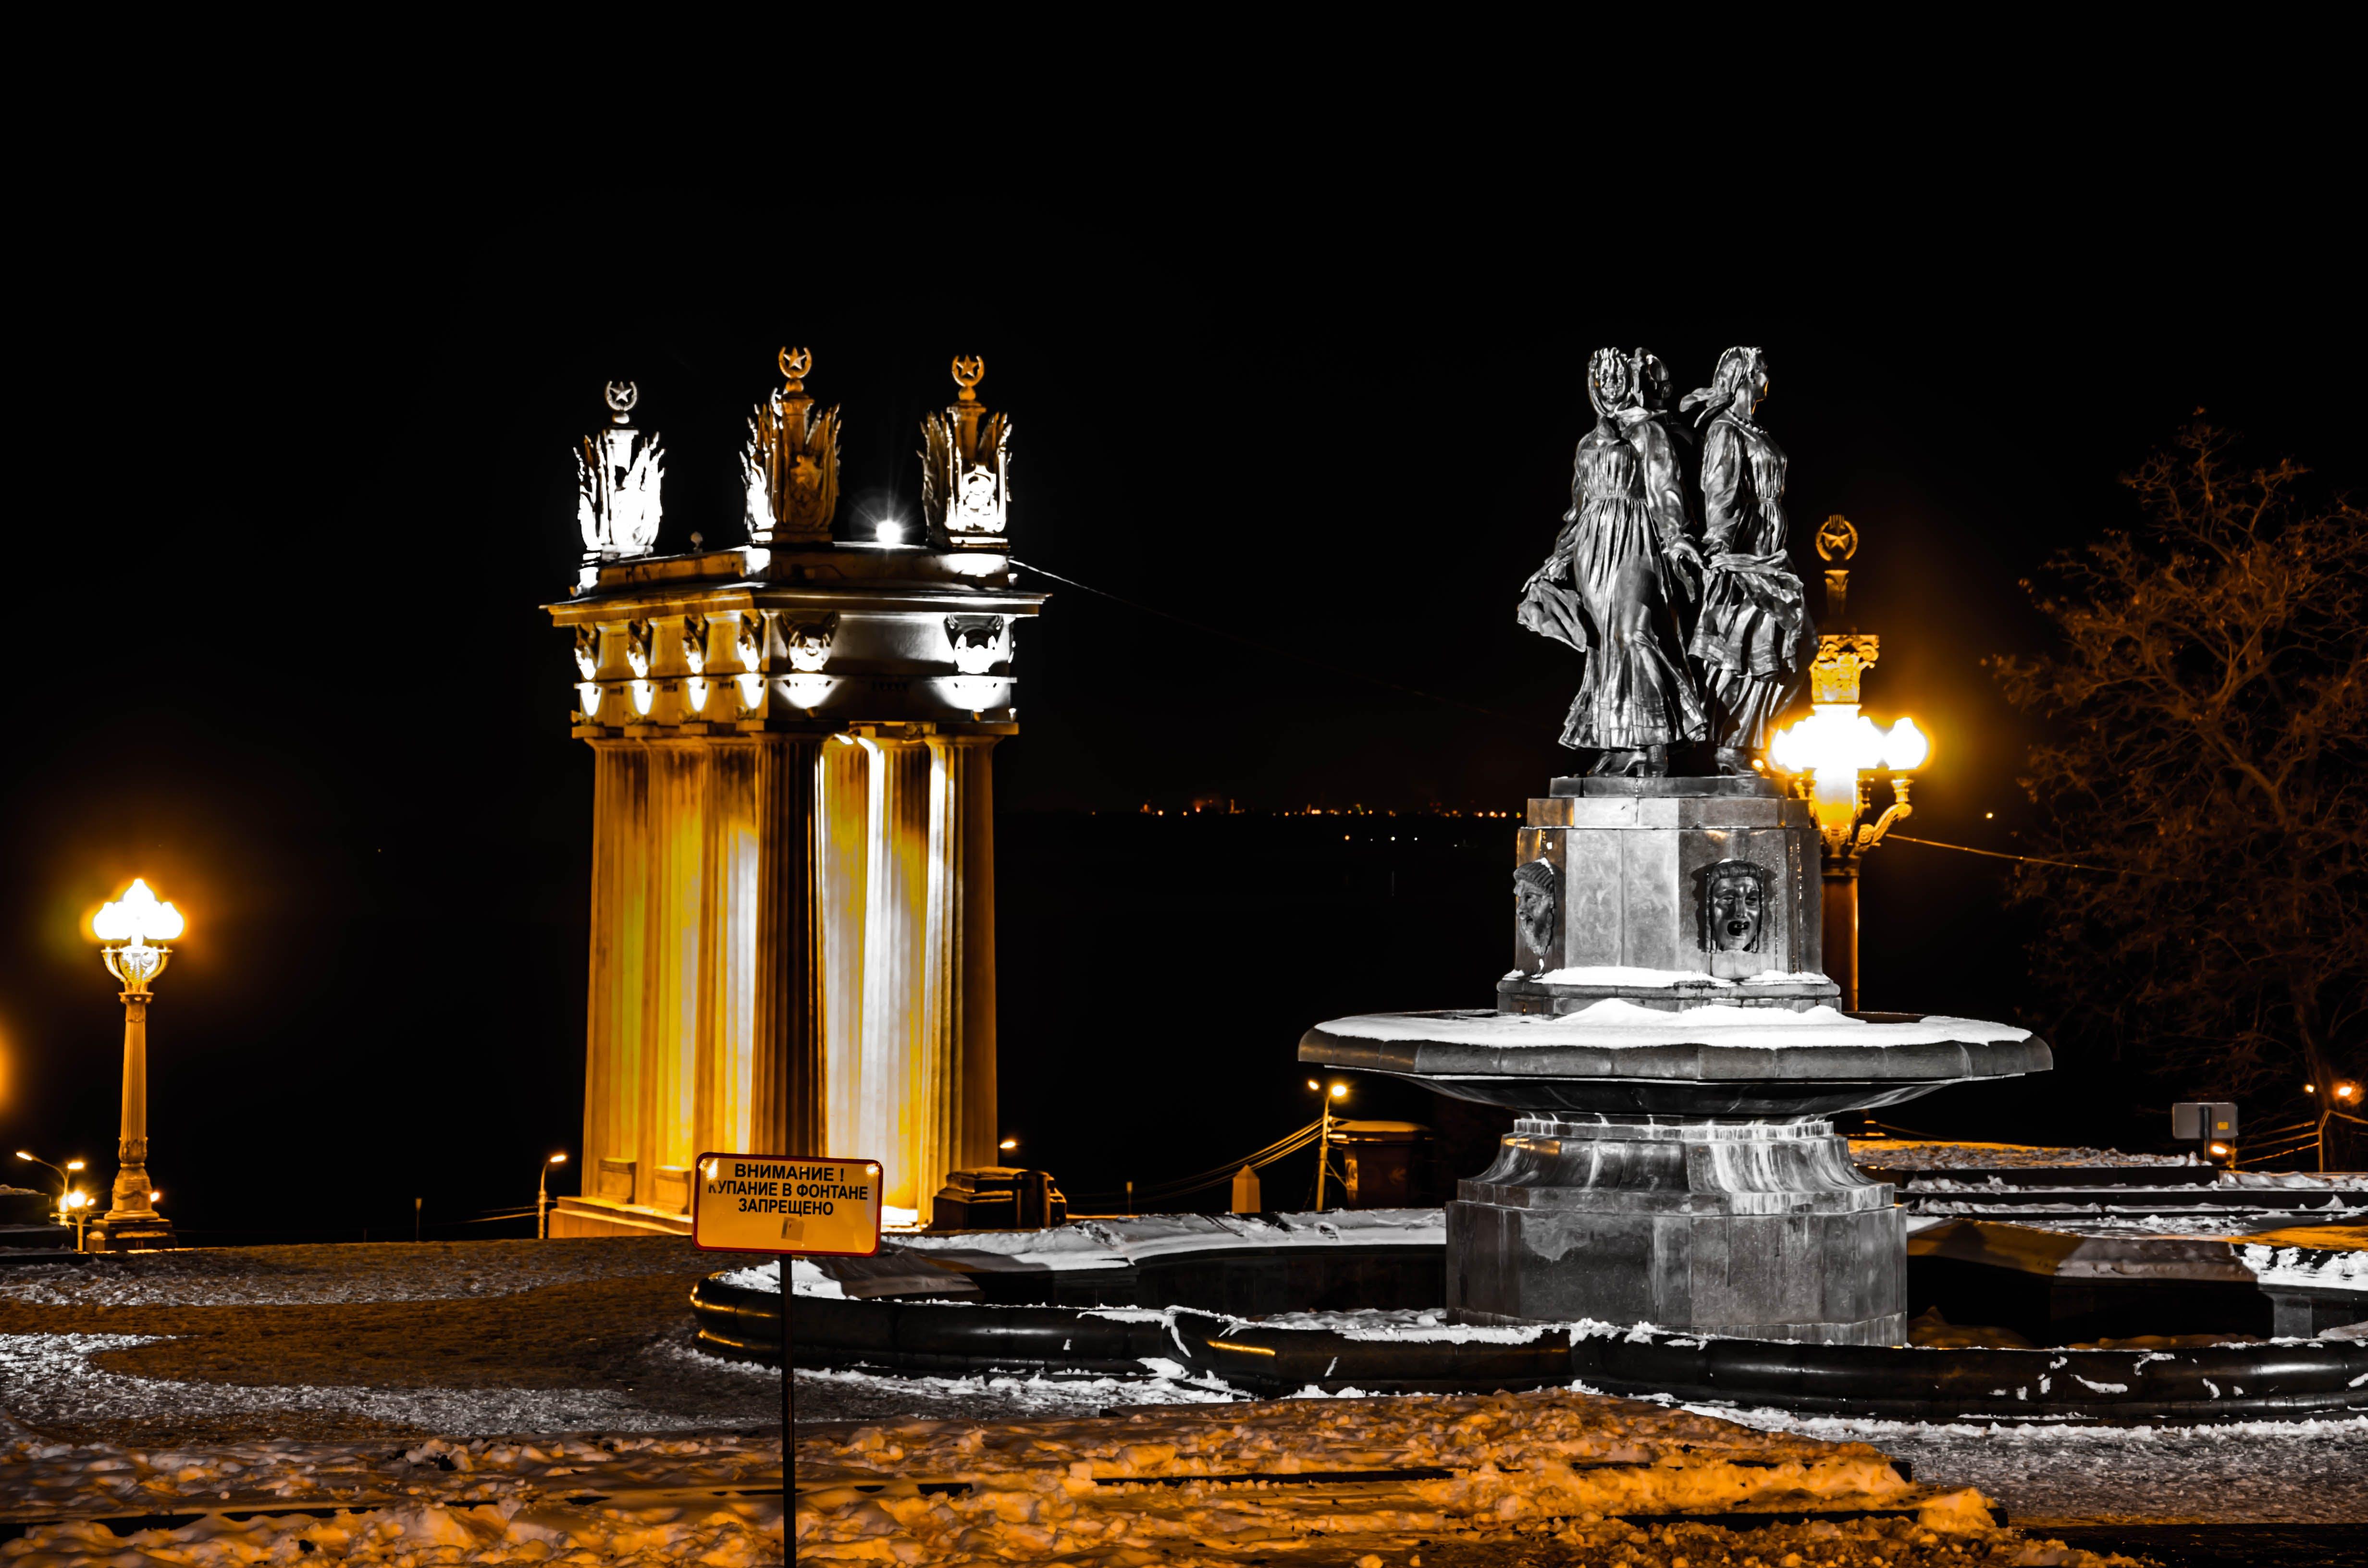 architecture, dark, fountain